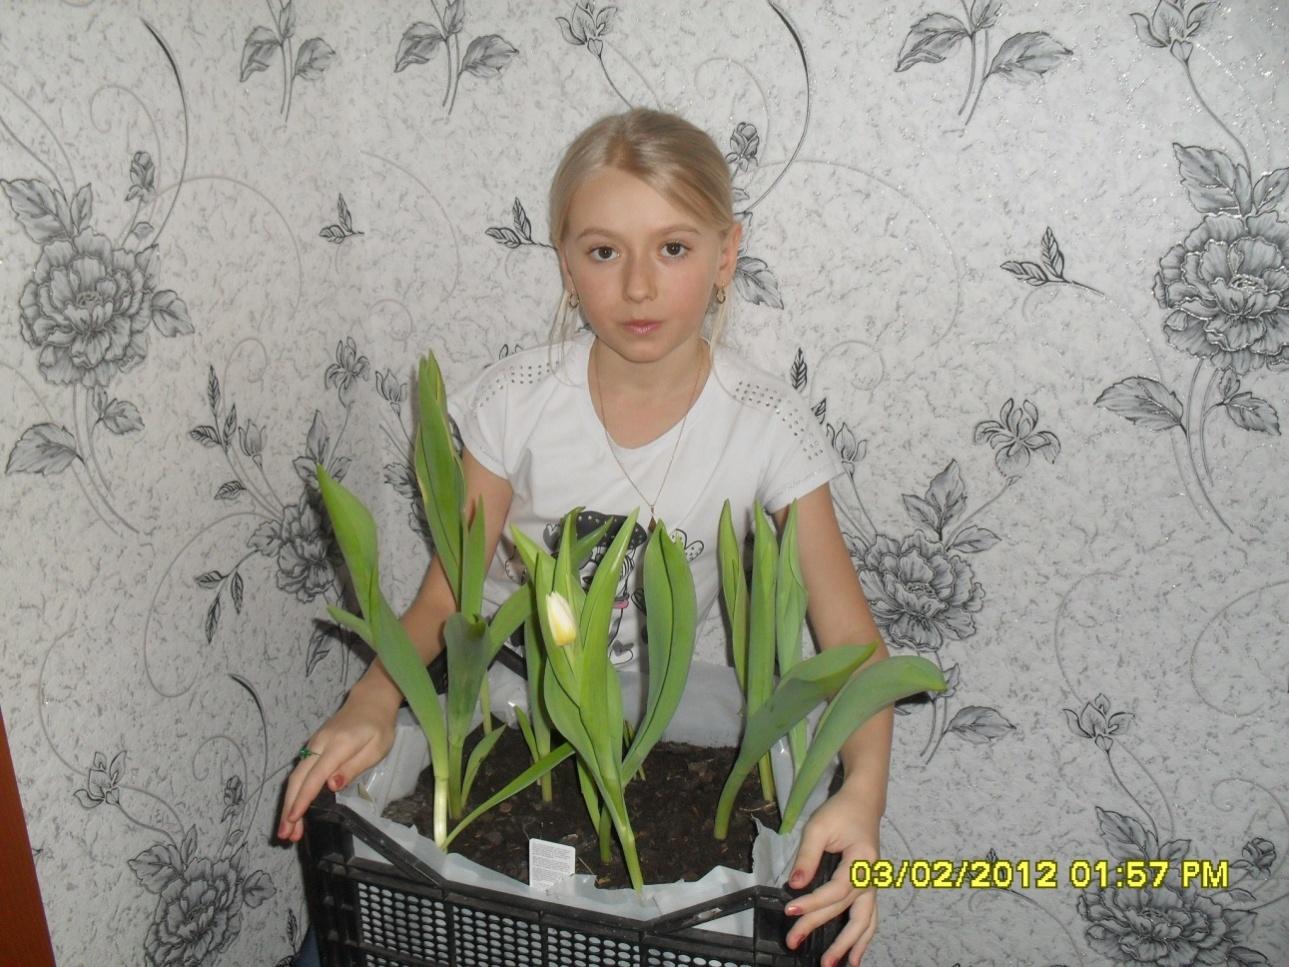 E:\проект Тюльпаны\тюльпаны Наташа\SDC14849.JPG